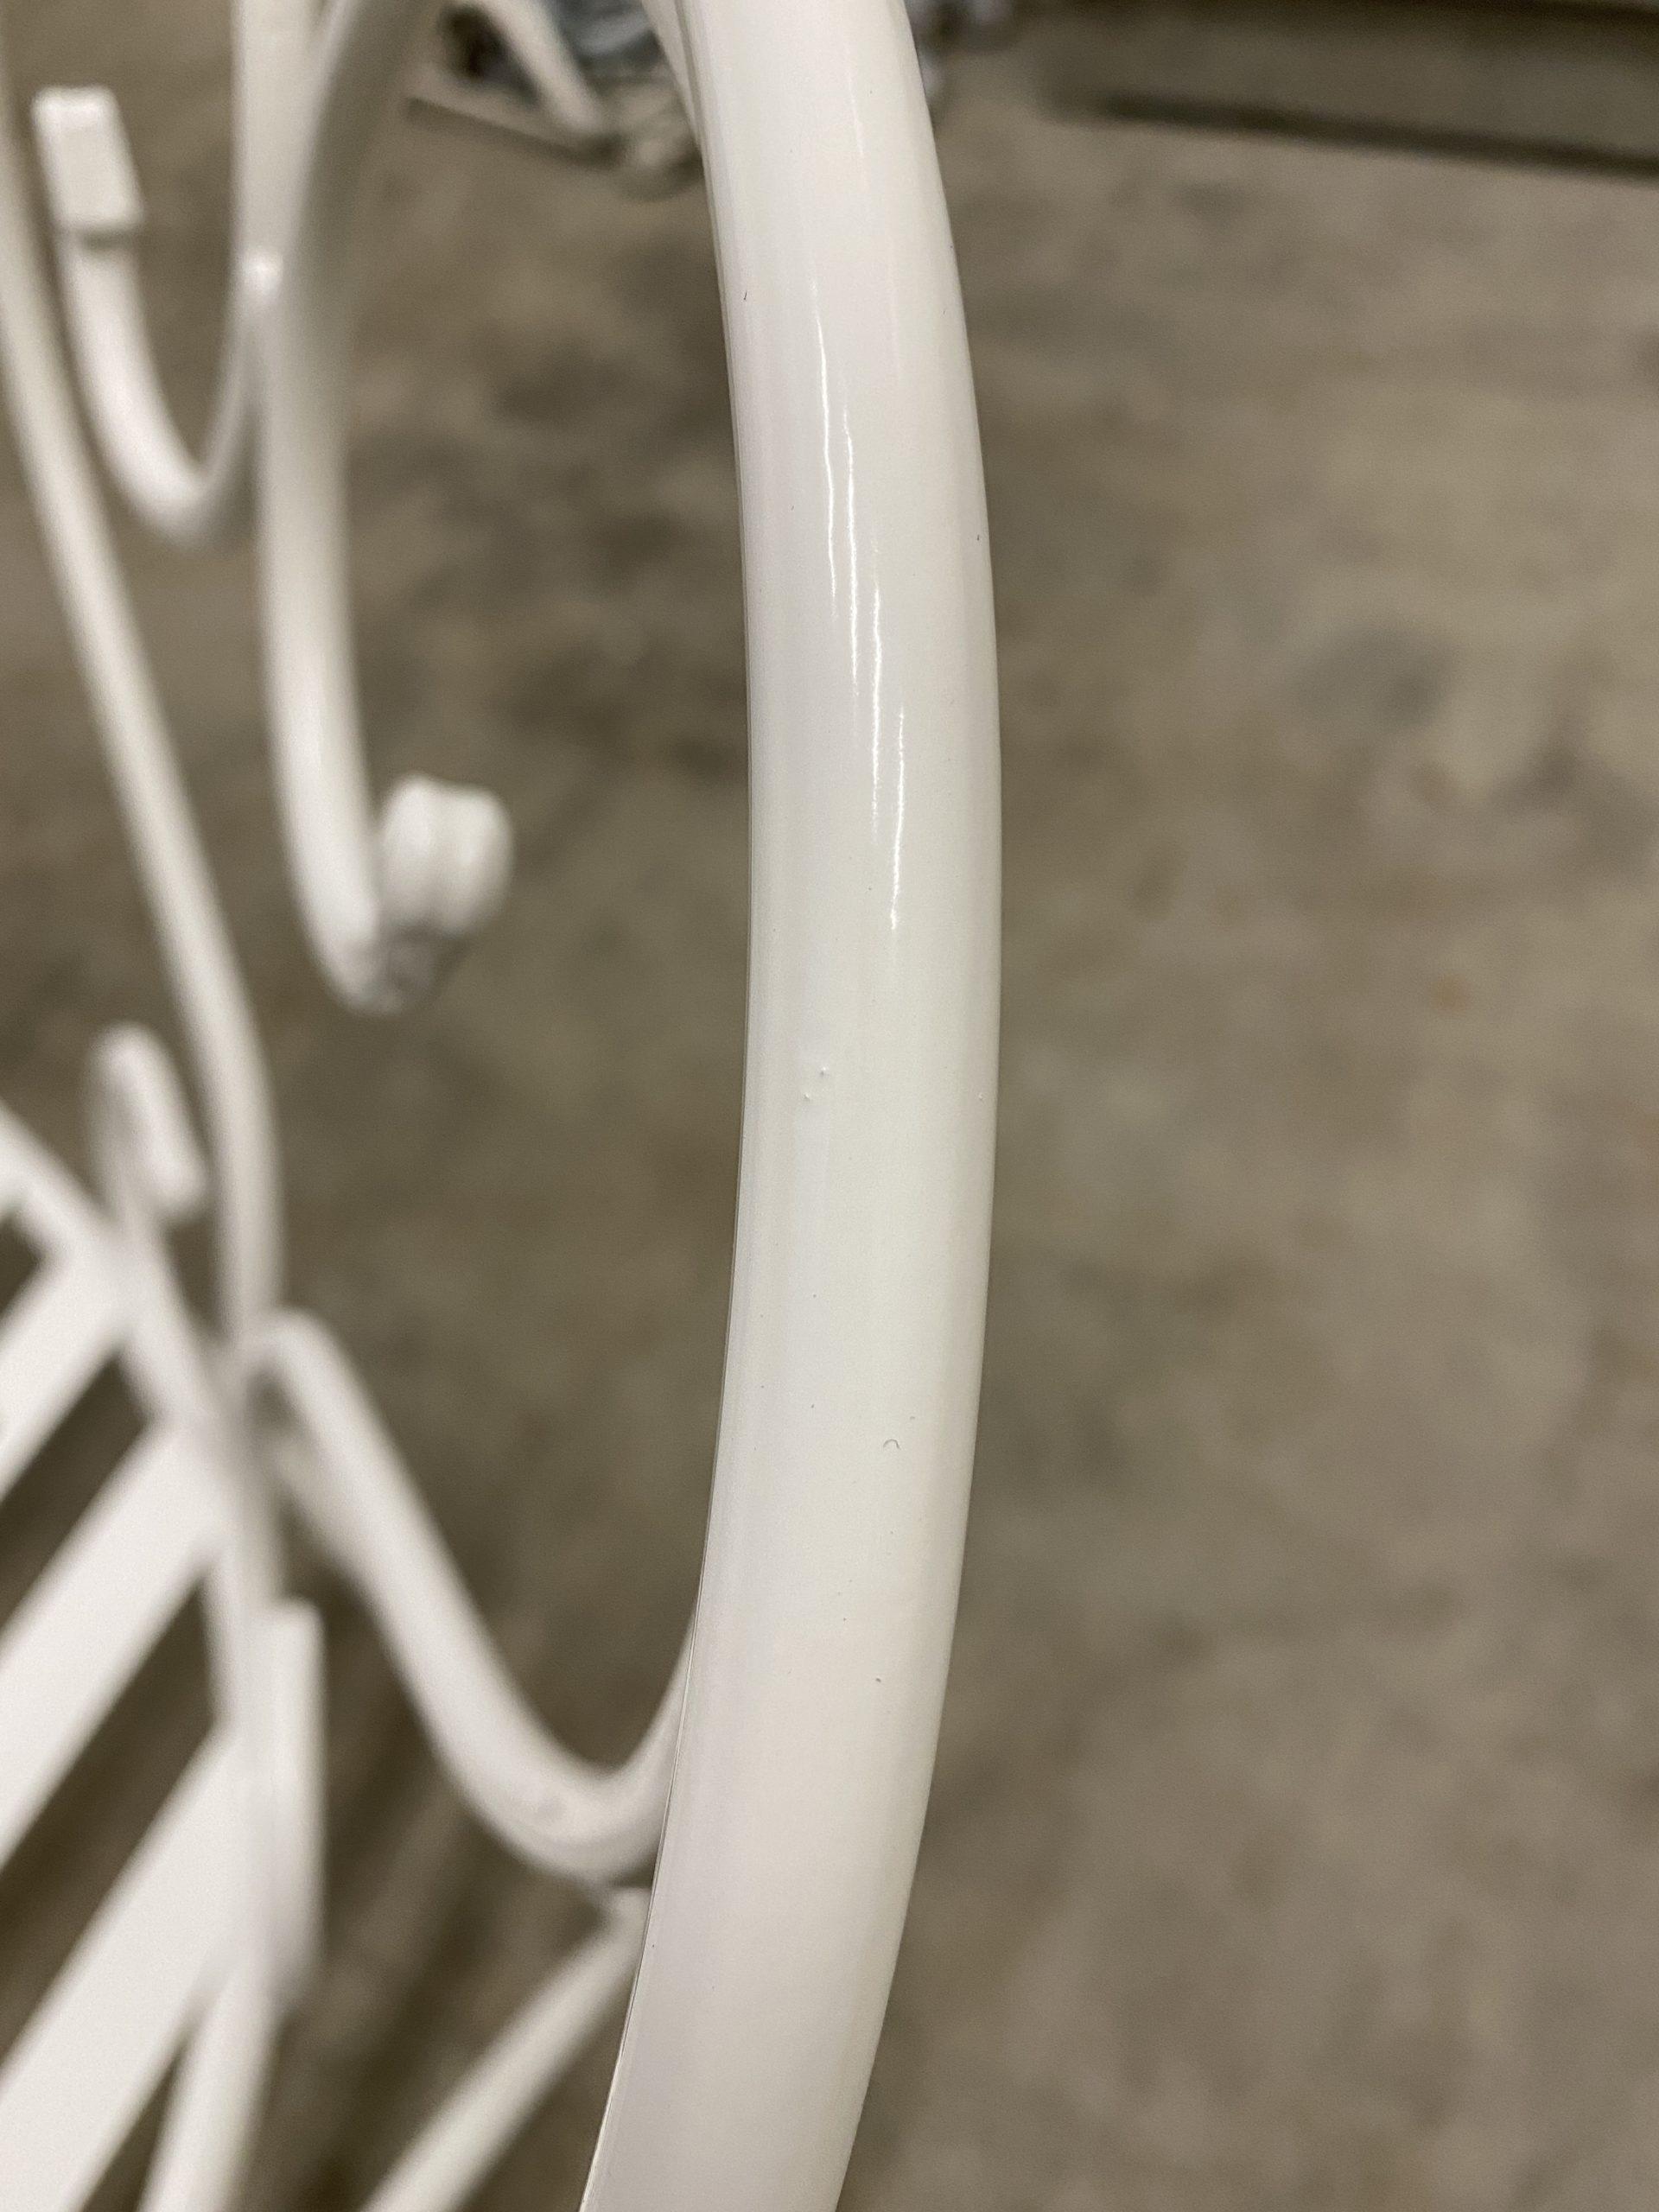 le thermolaquage donnera une protection au métal pendant de longues années